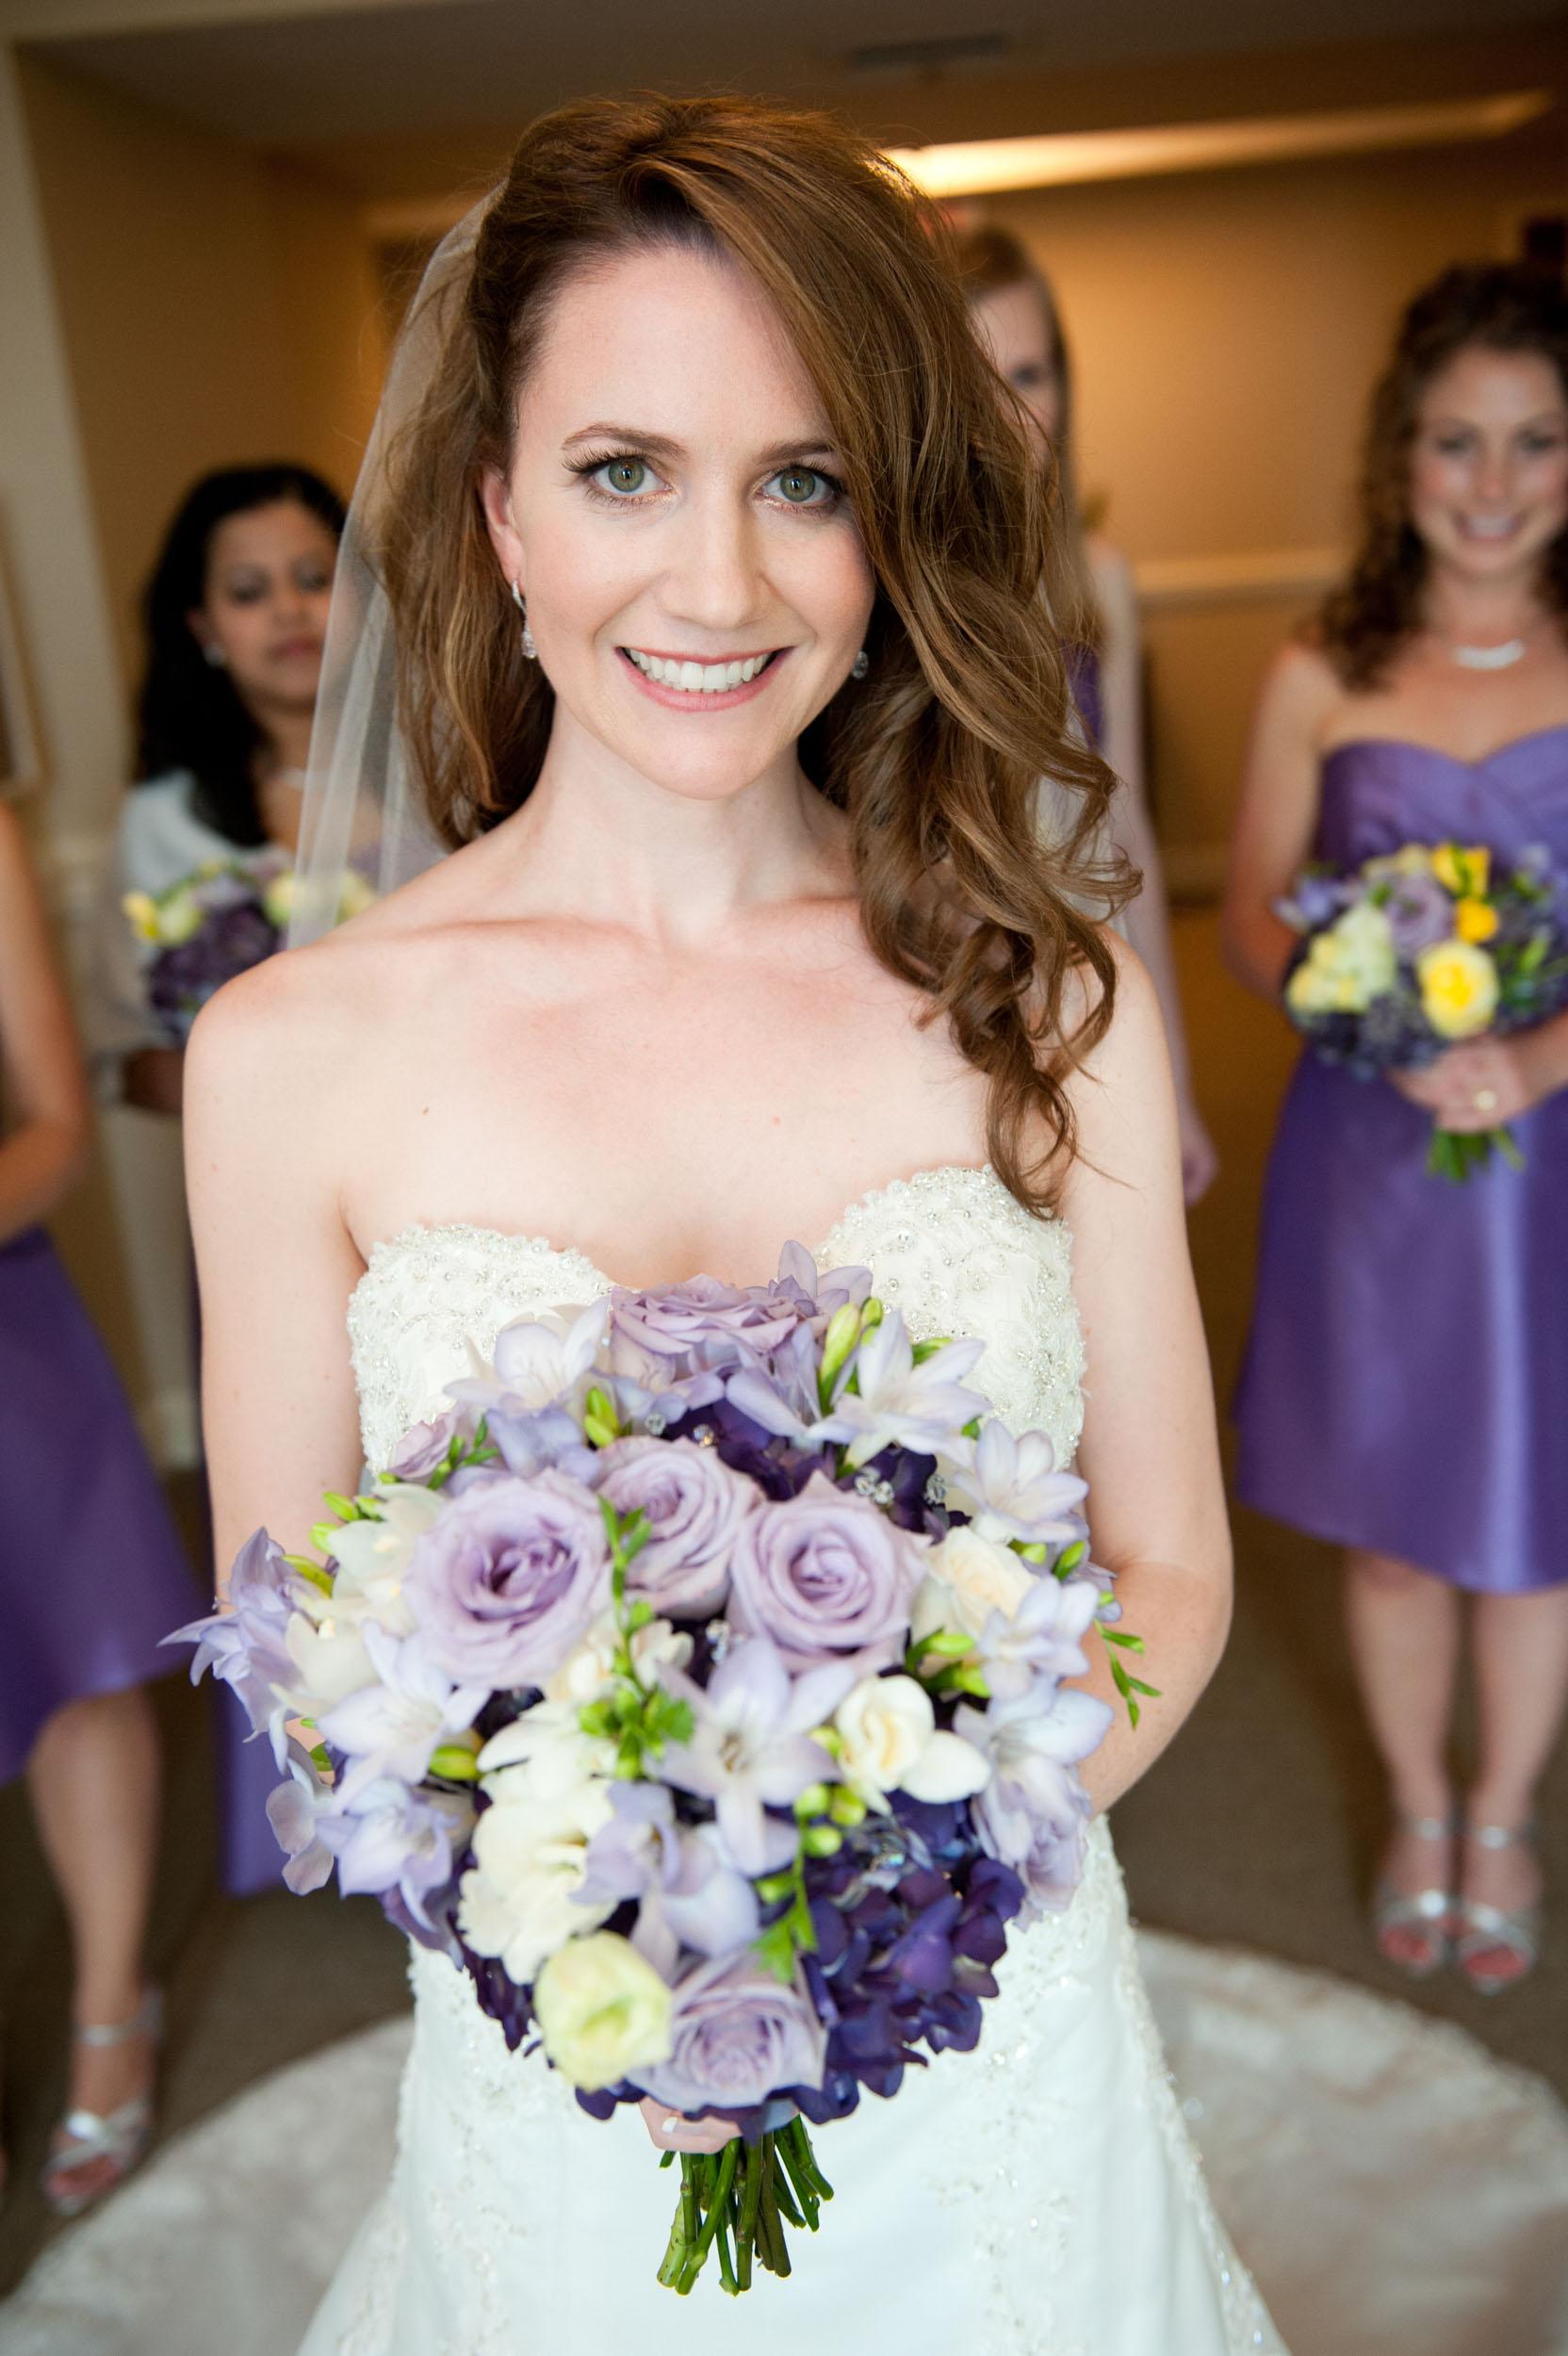 Wedding14Bride_Bridesmaids-2.jpg